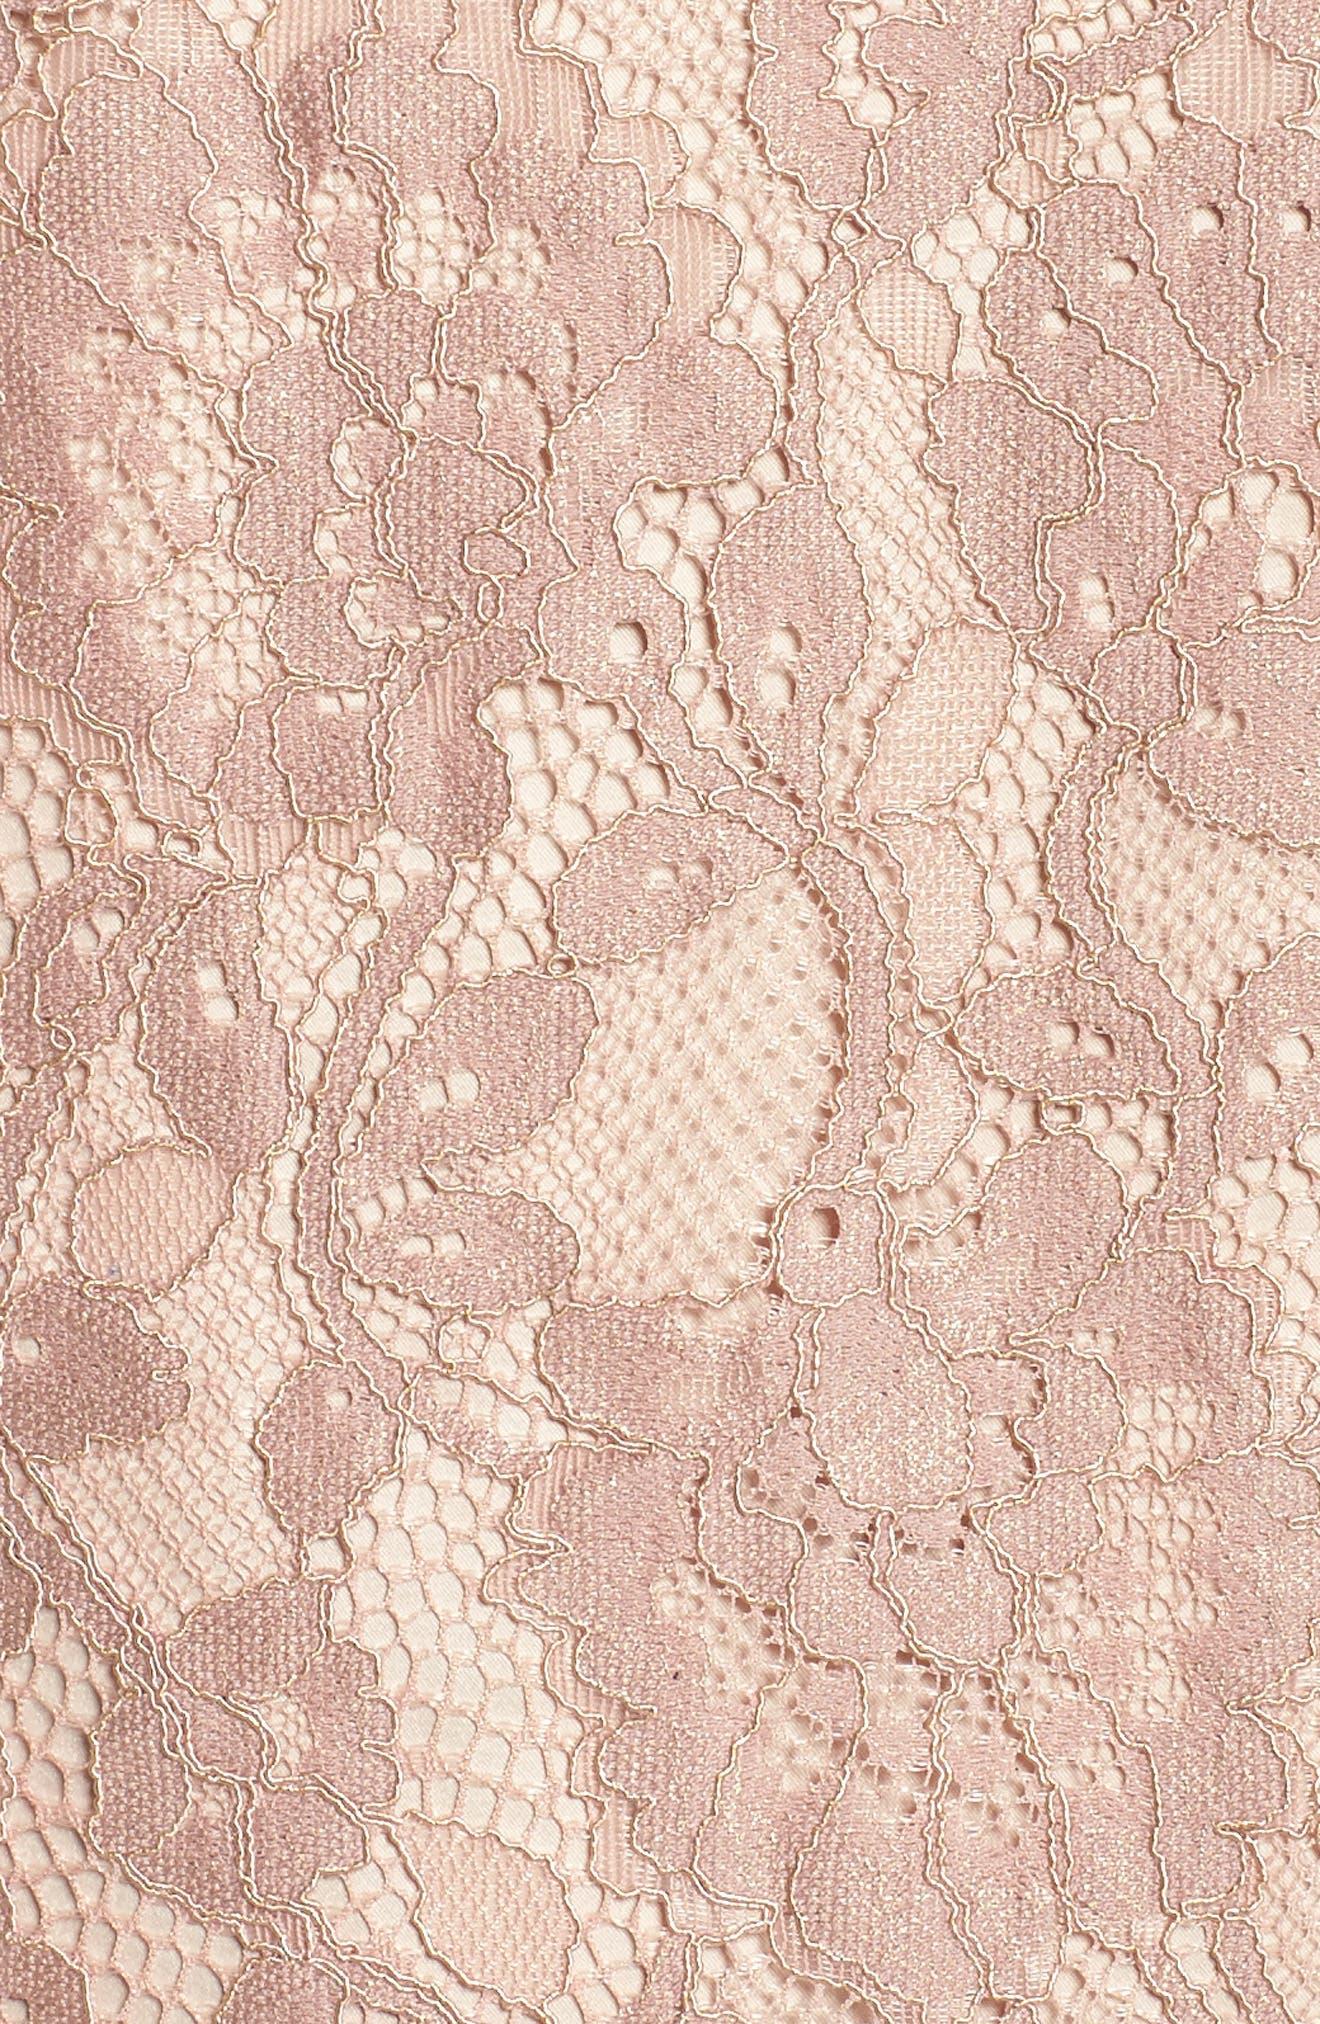 Ruffle Cuff Lace Shift Dress,                             Alternate thumbnail 5, color,                             Blush